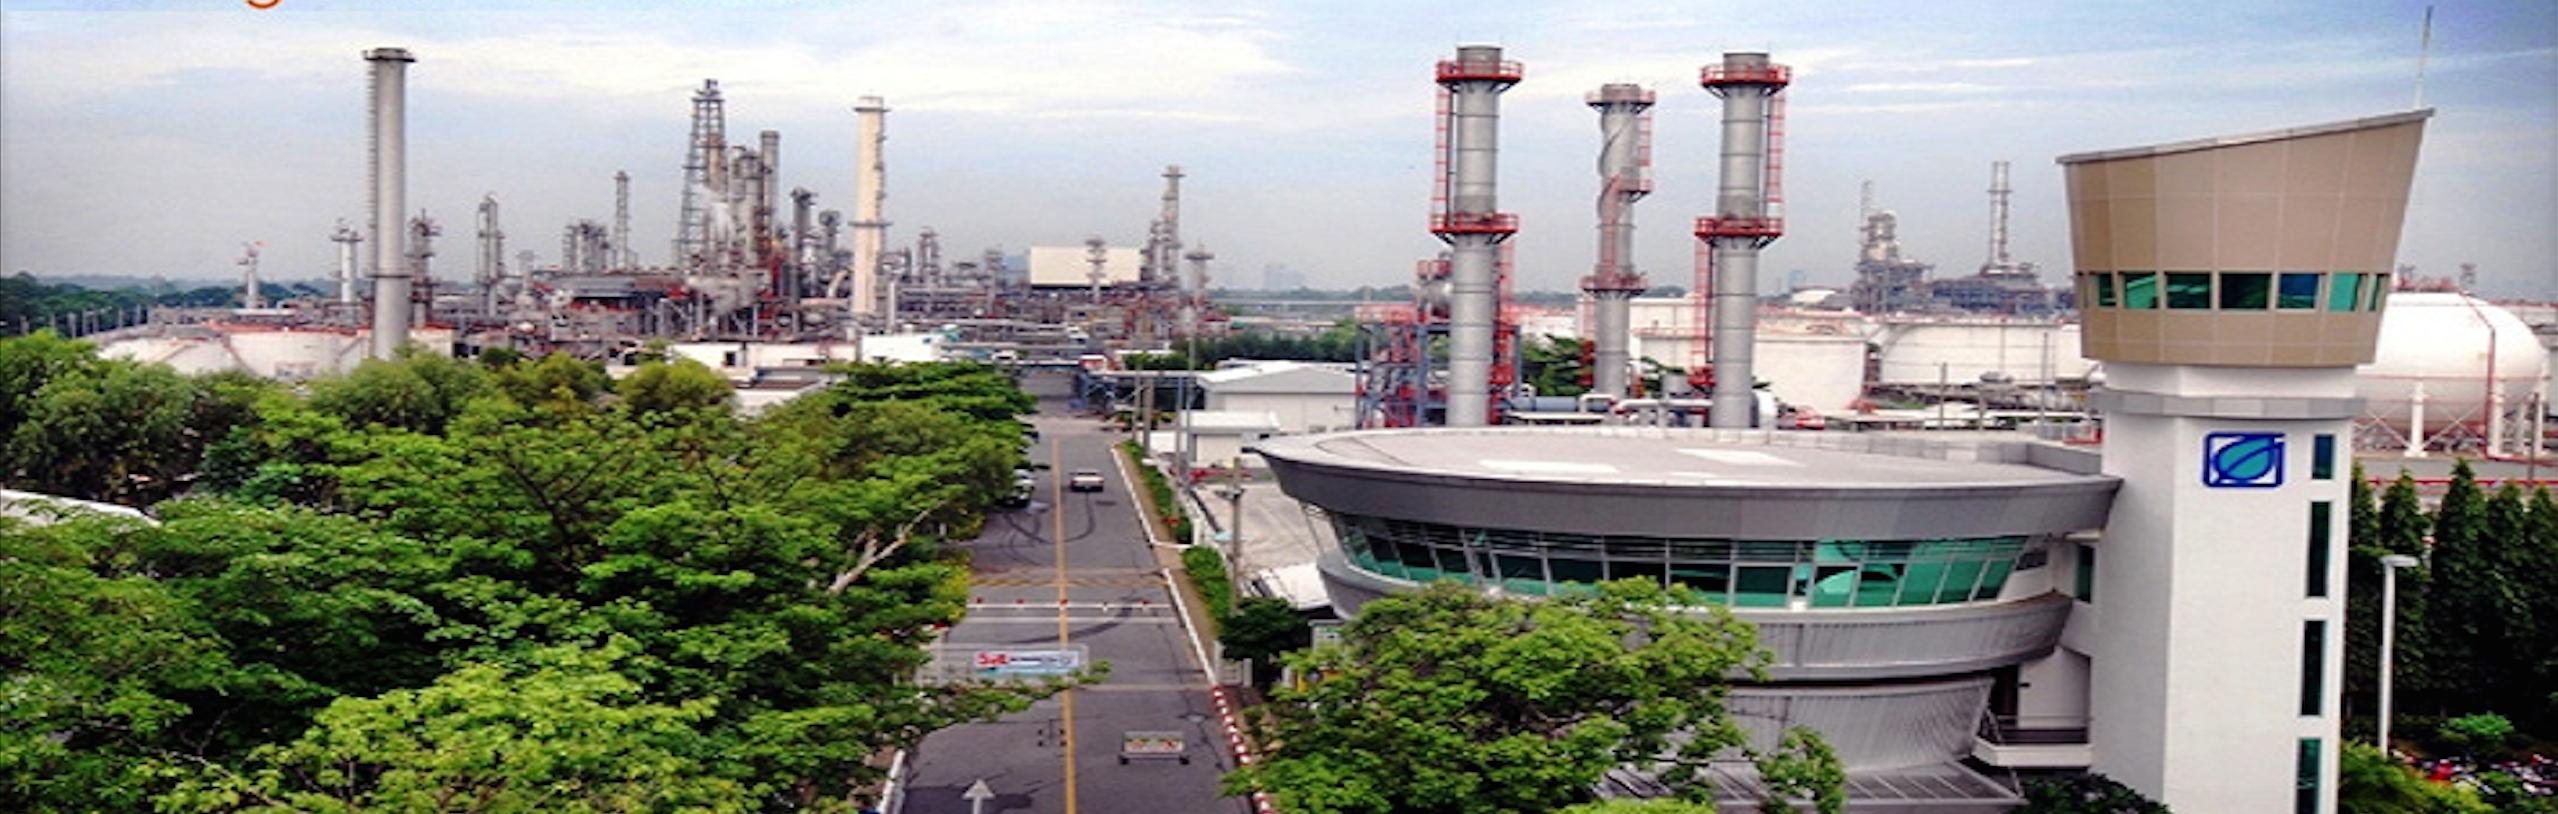 Nhớt xe máy tổng hợp toàn phần 100% Thái Lan nhập khẩu - BCP SUPER 1 Fully Synthetic - 10W40 SN - 0.8 Lít